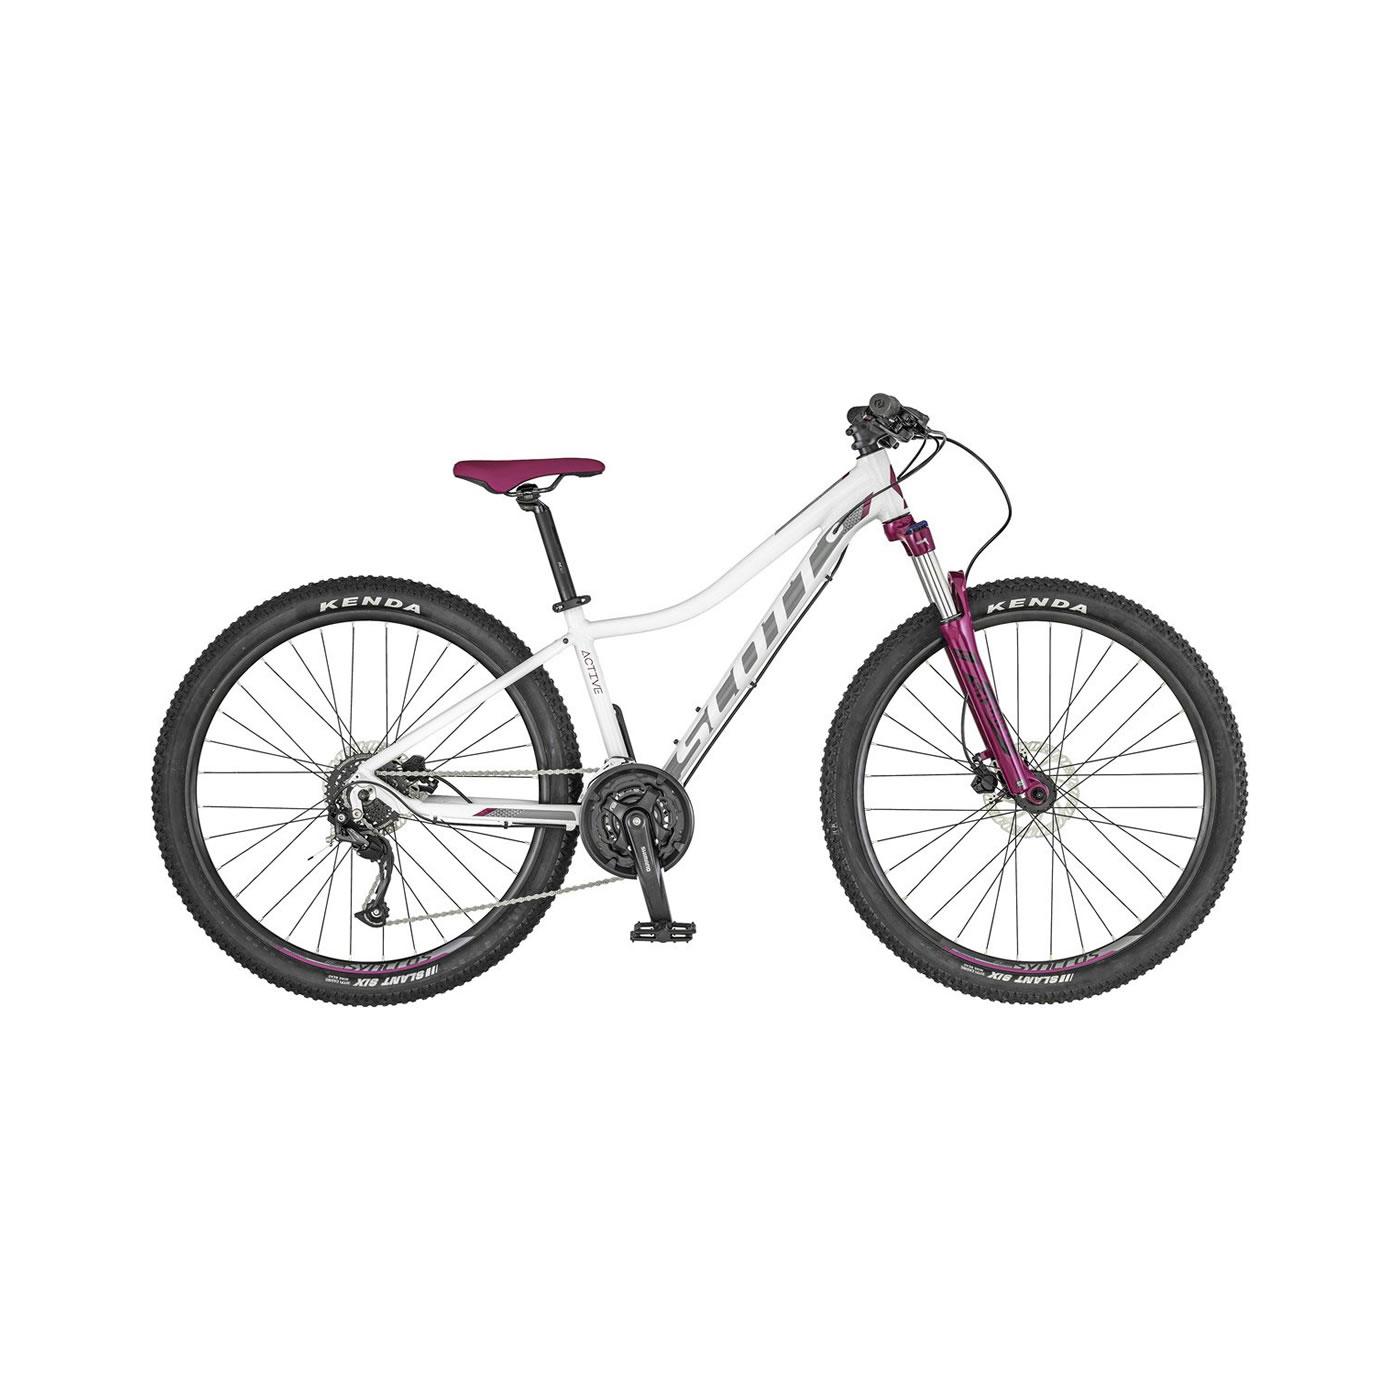 Scott Contessa 720 27.5″ Mountain Bike 2019